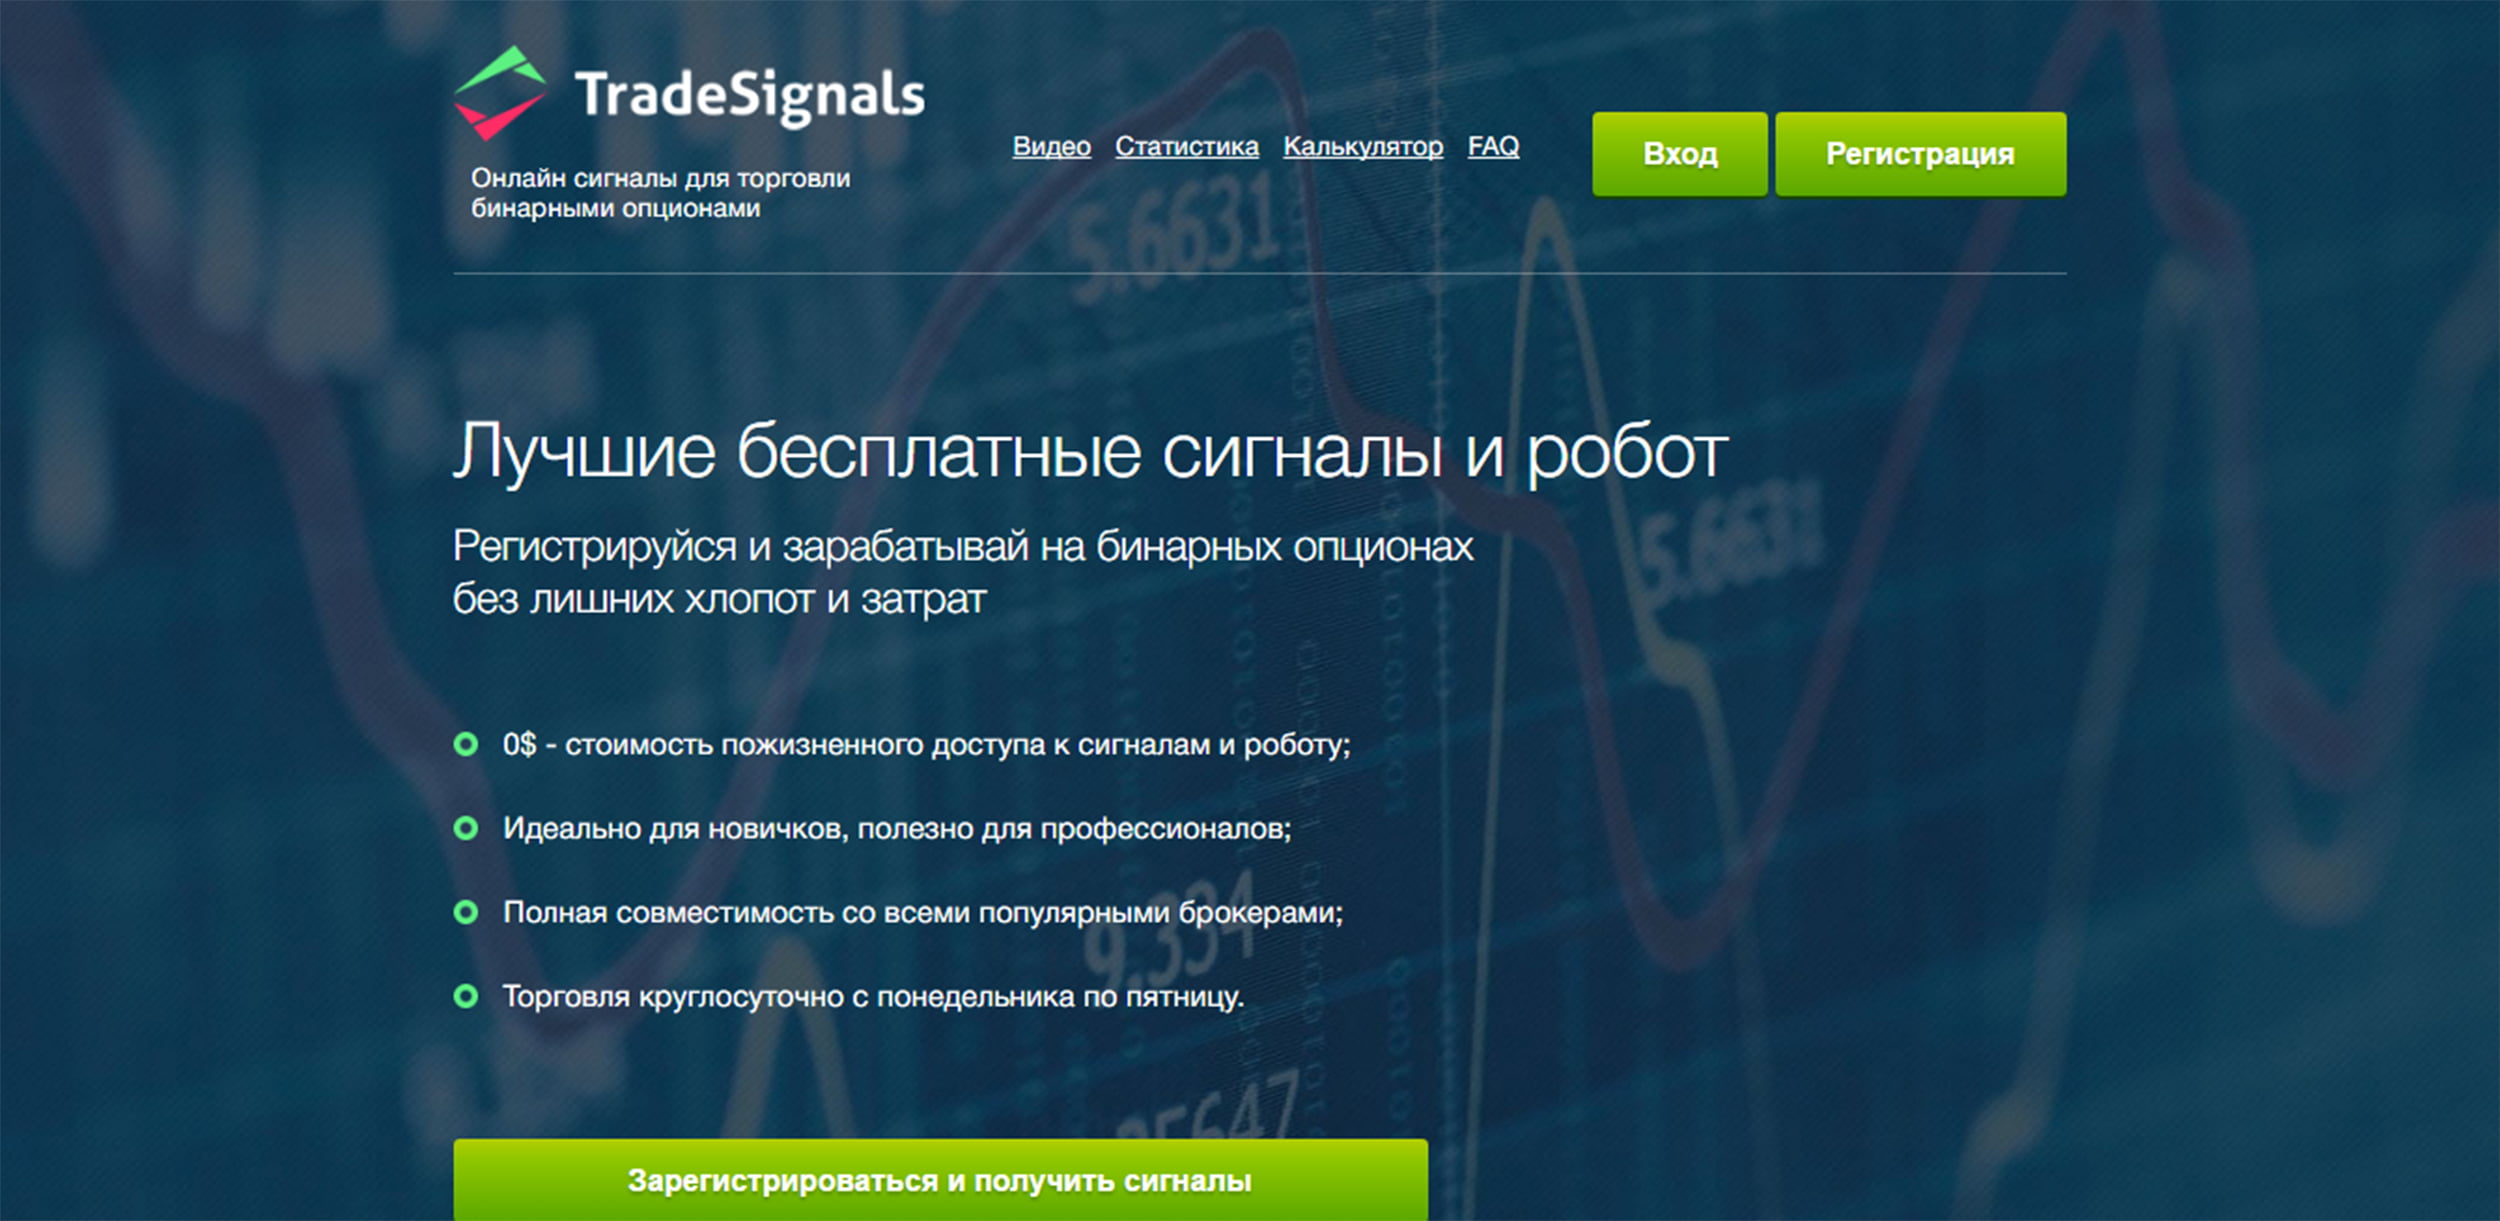 Trade Signals